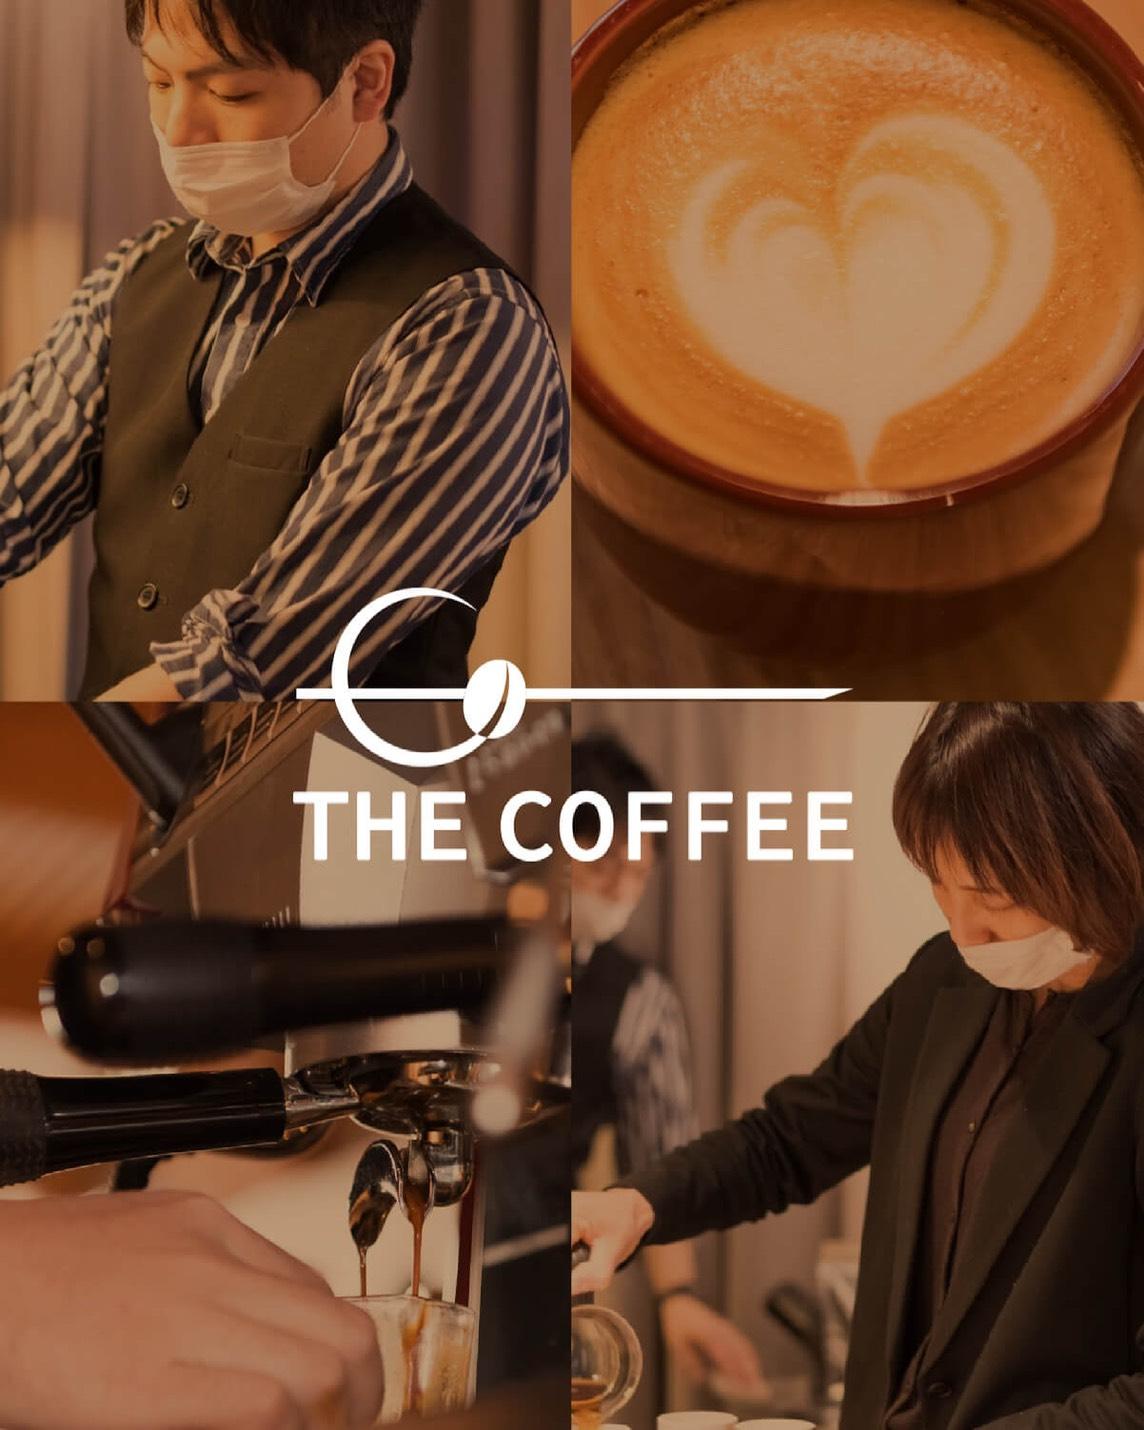 「THE COFFEEの輪」というコミュニティをスタートさせます。